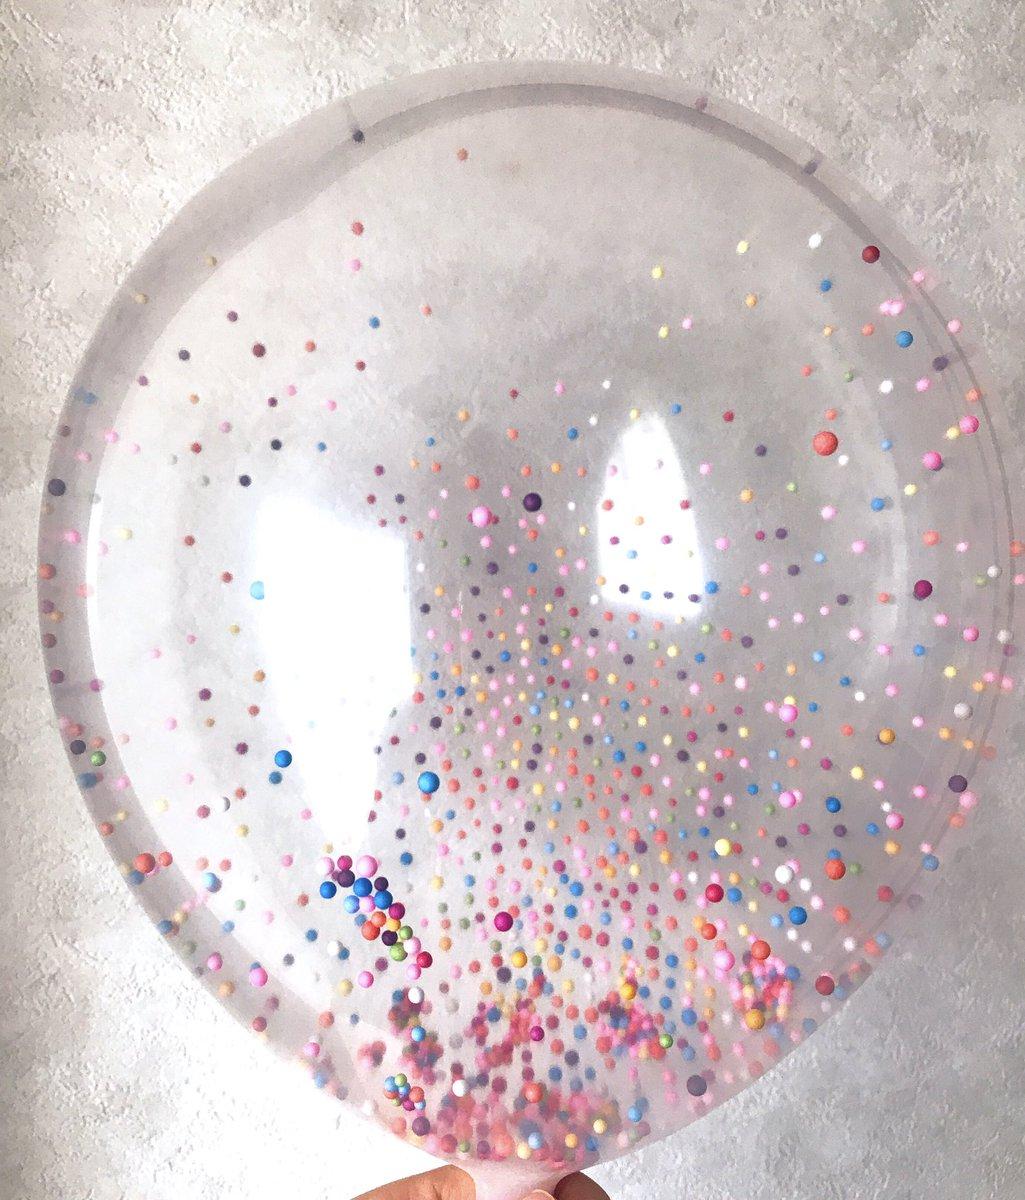 test ツイッターメディア - 現実逃避用に買った発泡ビーズ入りのバルーンが、割と気持ち悪い。 #セリア #風船 #バルーン #発泡ビーズ入りバルーン https://t.co/L2ce2VIIiM